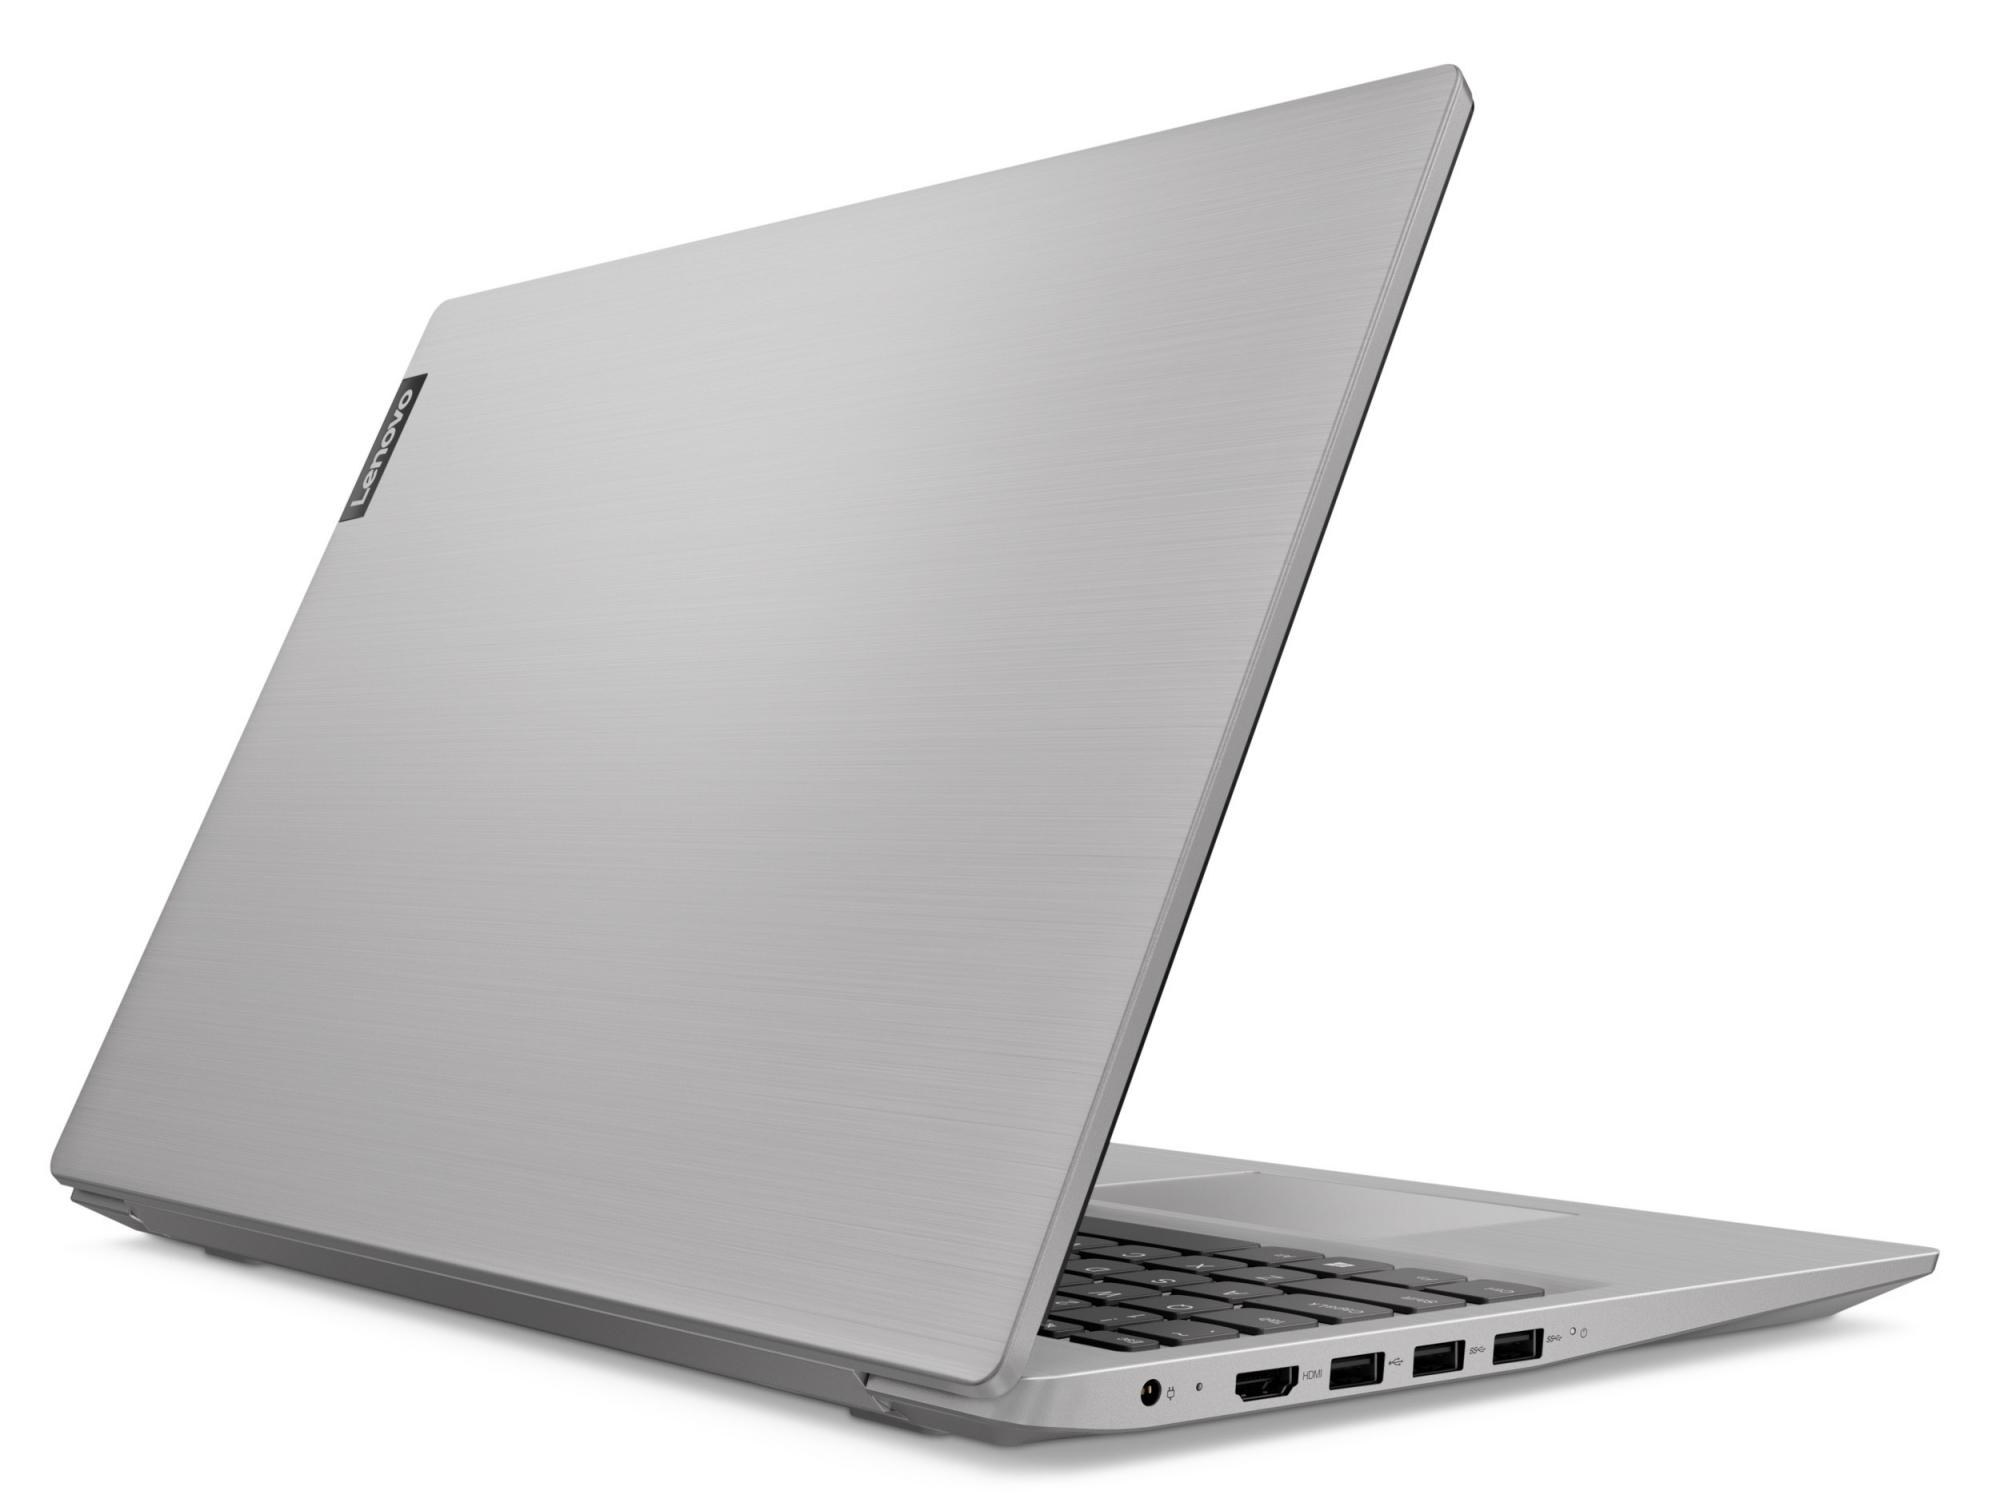 LENOVO IDEAPAD S145-151KB Intel core i7, 8GB, 1TB HDD